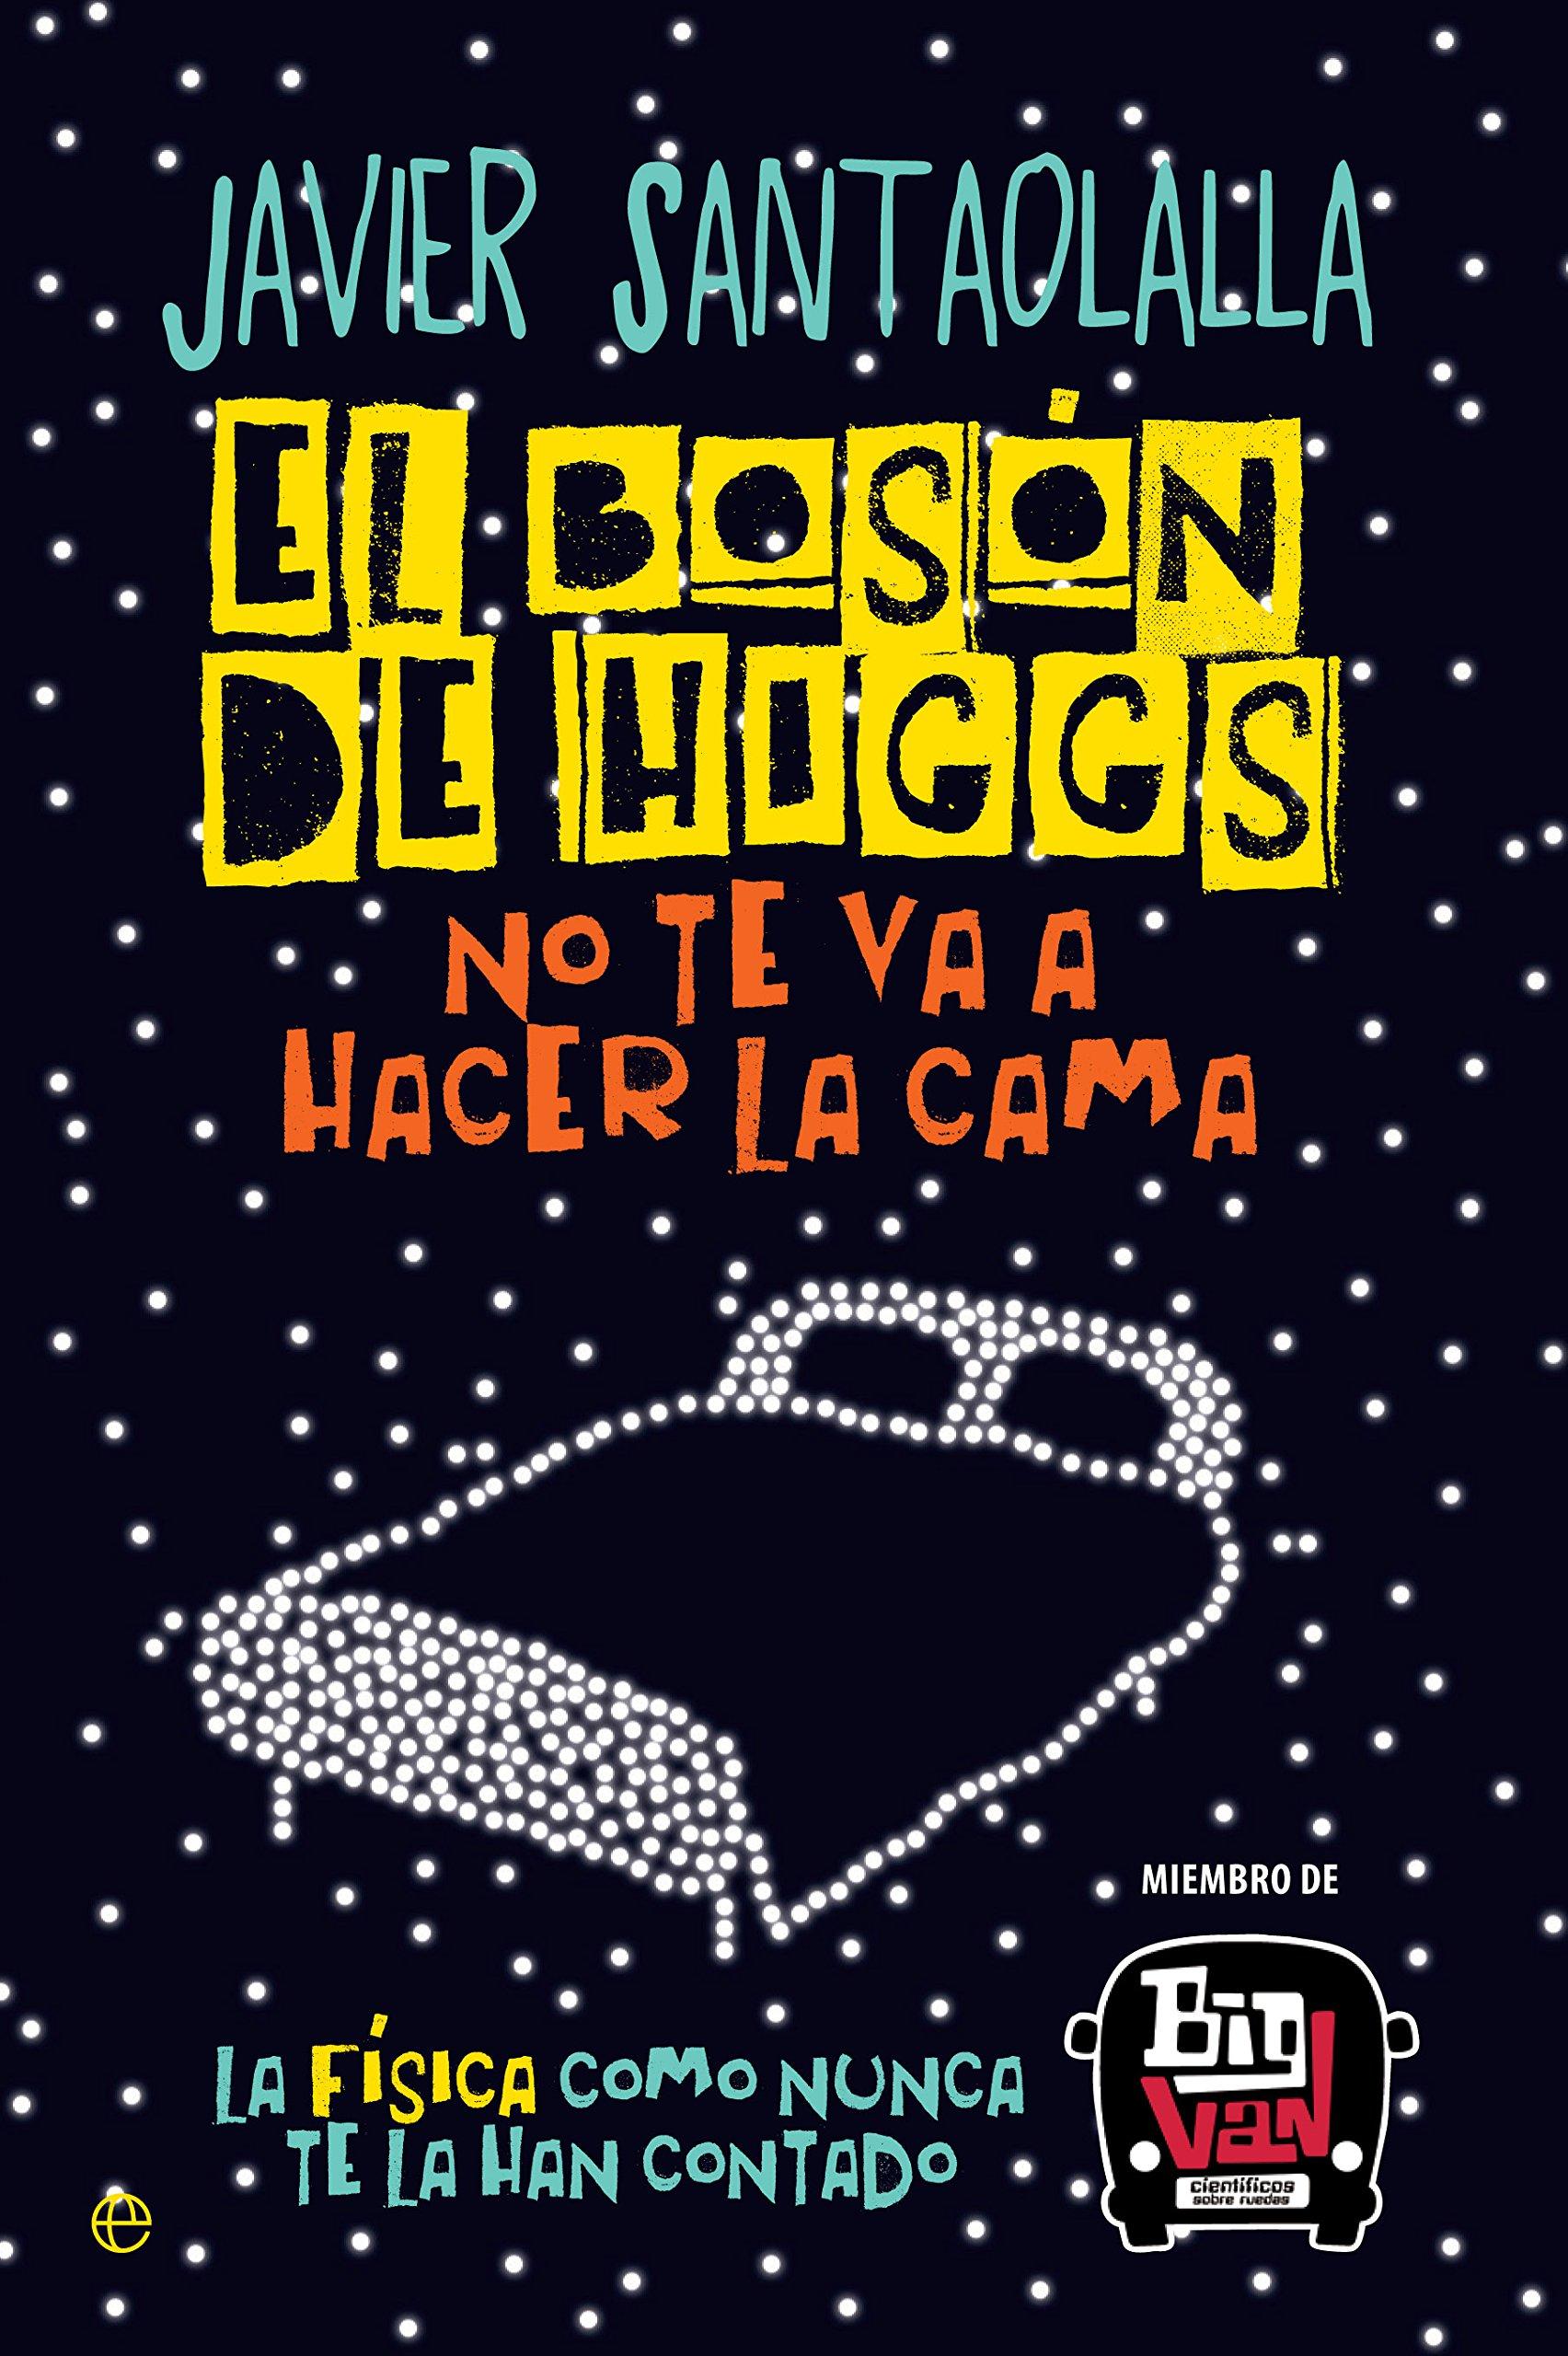 El bosón de Higgs no te va a hacer la cama: La física como nunca te la han contado: Javier Santaolalla: 9788490607725: Amazon.com: Books